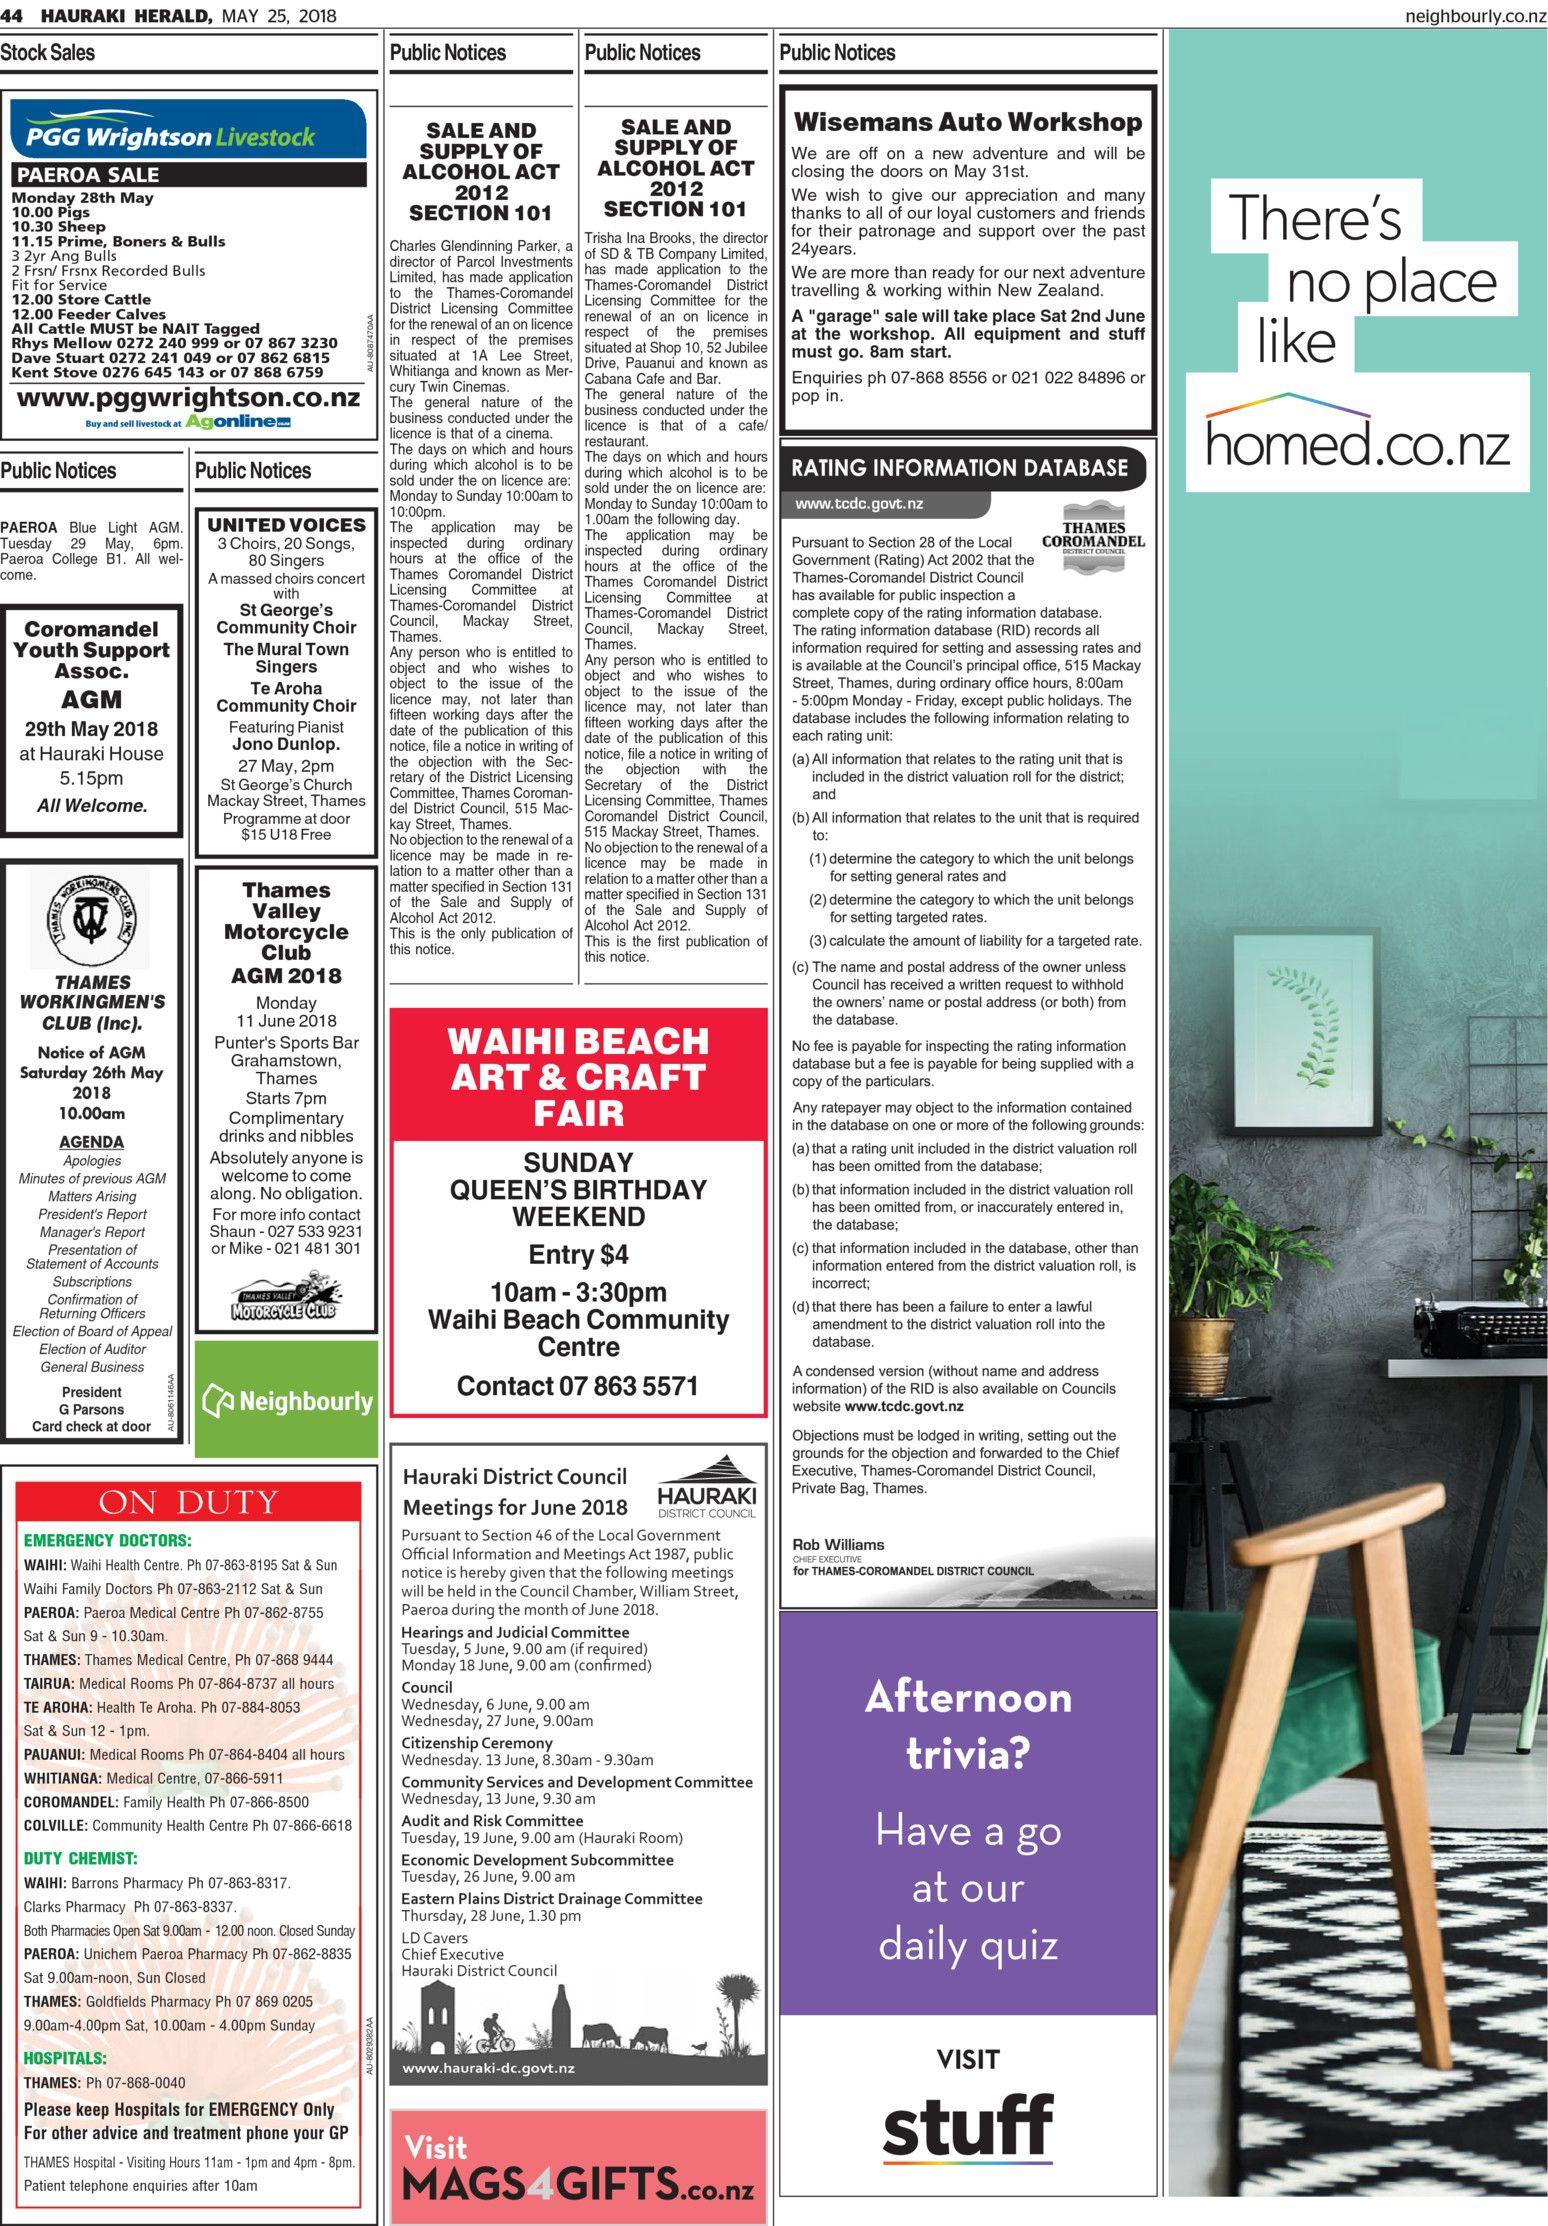 Hauraki Herald - Read online on Neighbourly